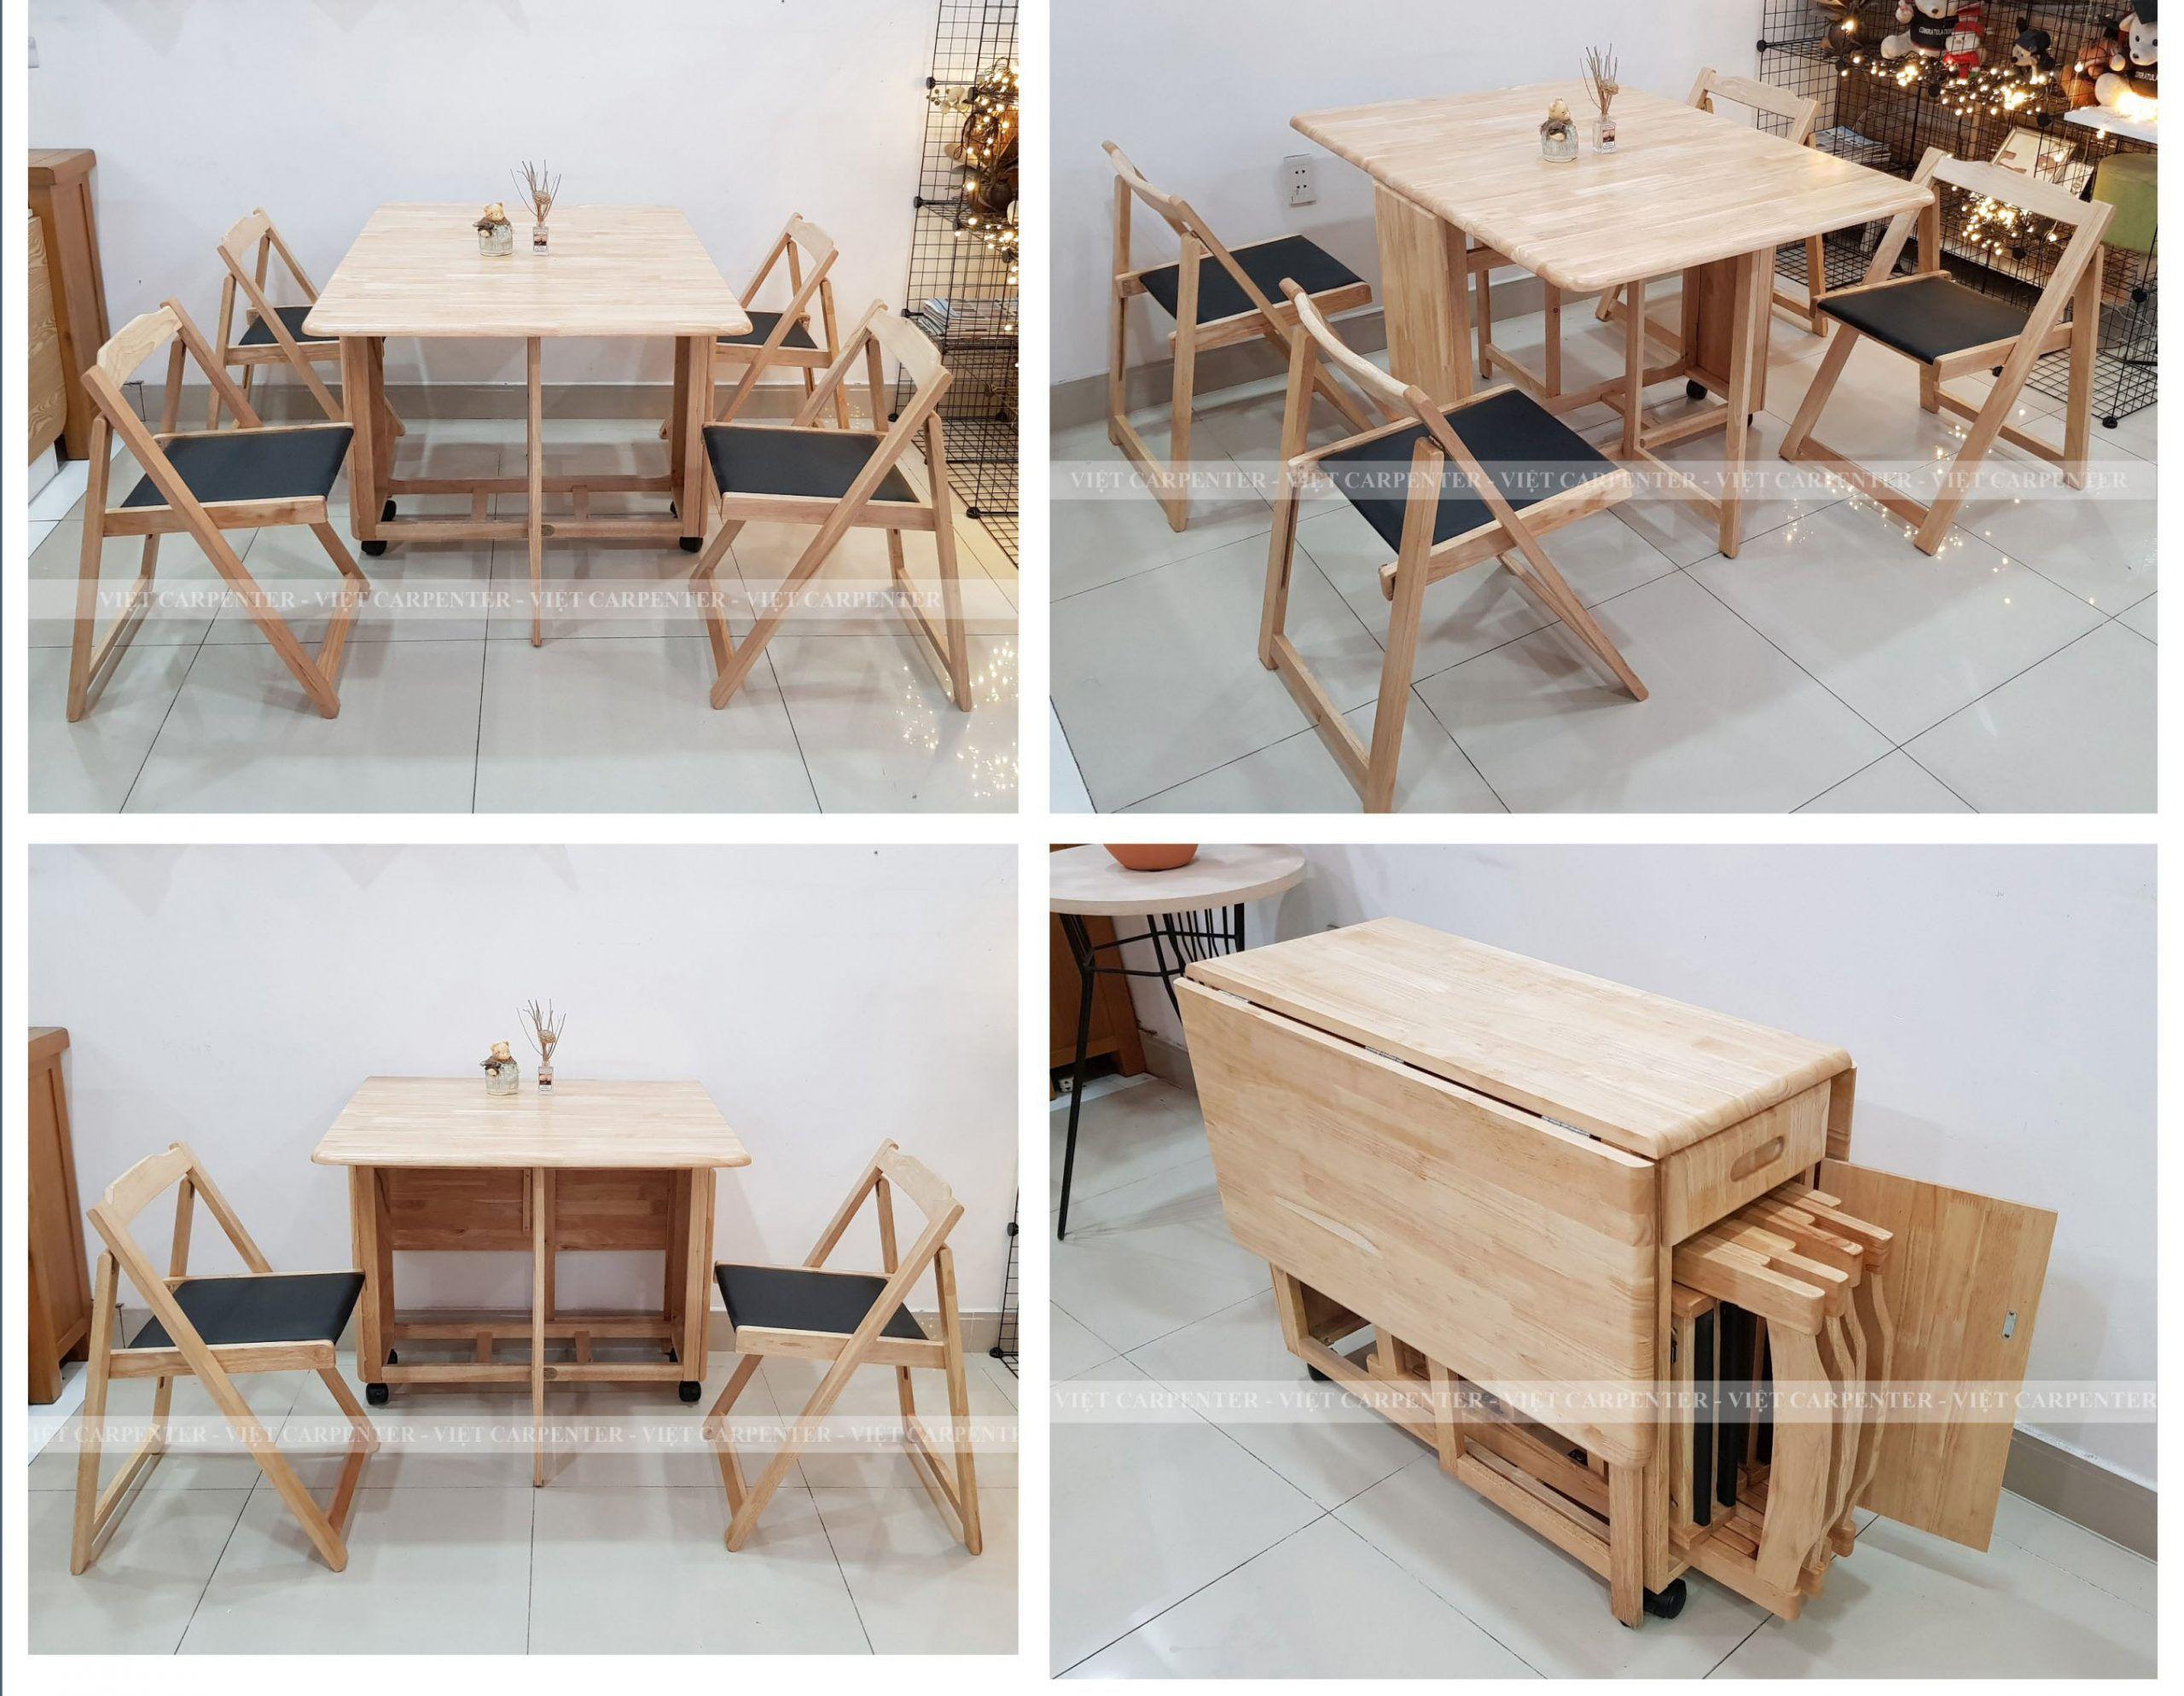 Bộ bàn ăn thông minh 4 đến 6 người ngồi thiết kế có bánh xe và ghế ngồi được bọc nệm